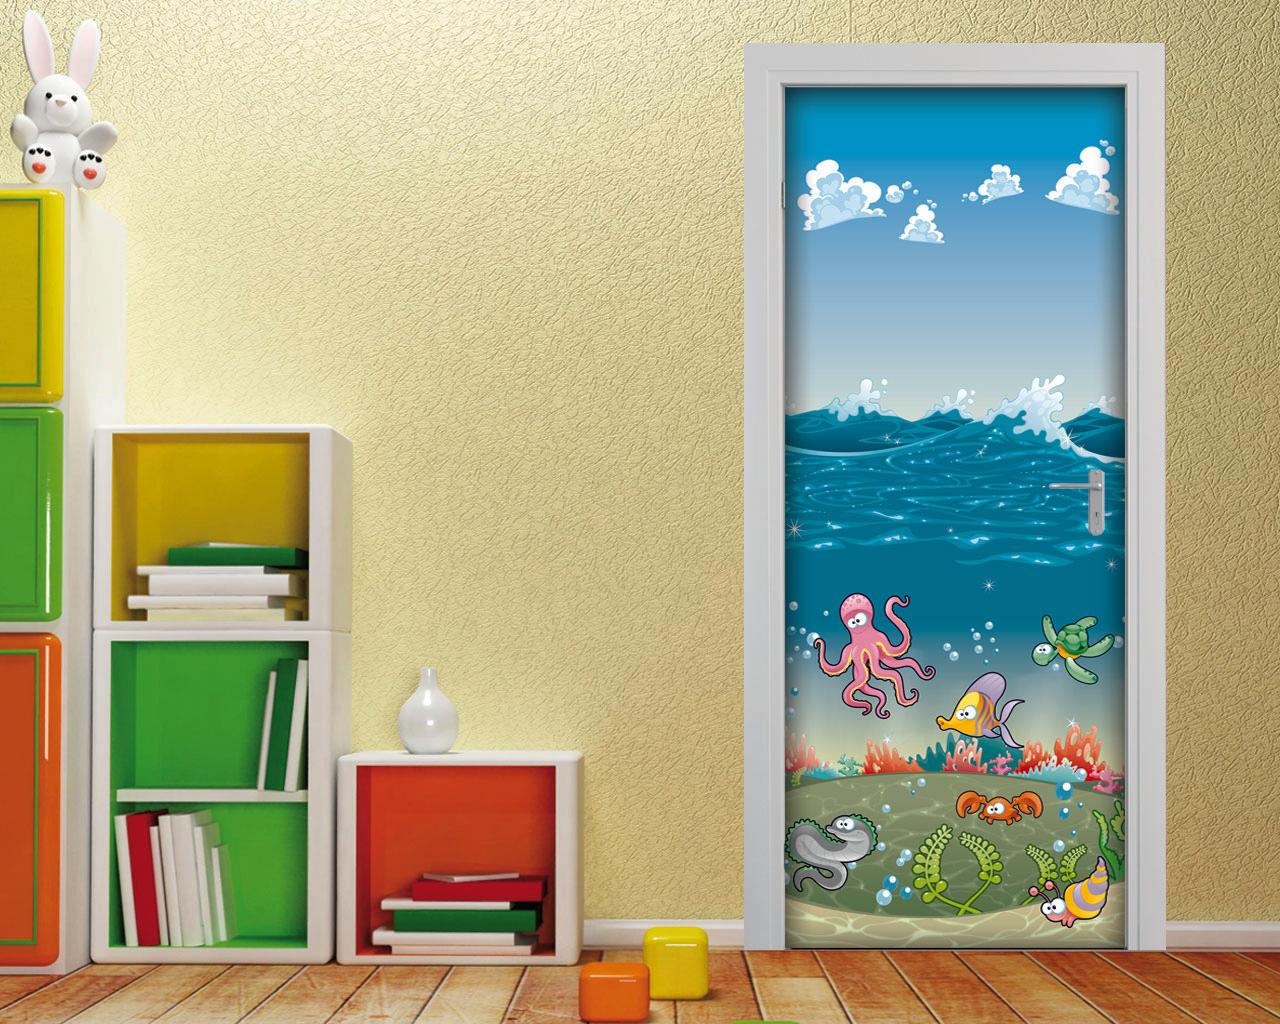 Simpatici amici sott acqua infanzia adesivo per porte interni decori adesivi murali - Decorazioni porte interne ...